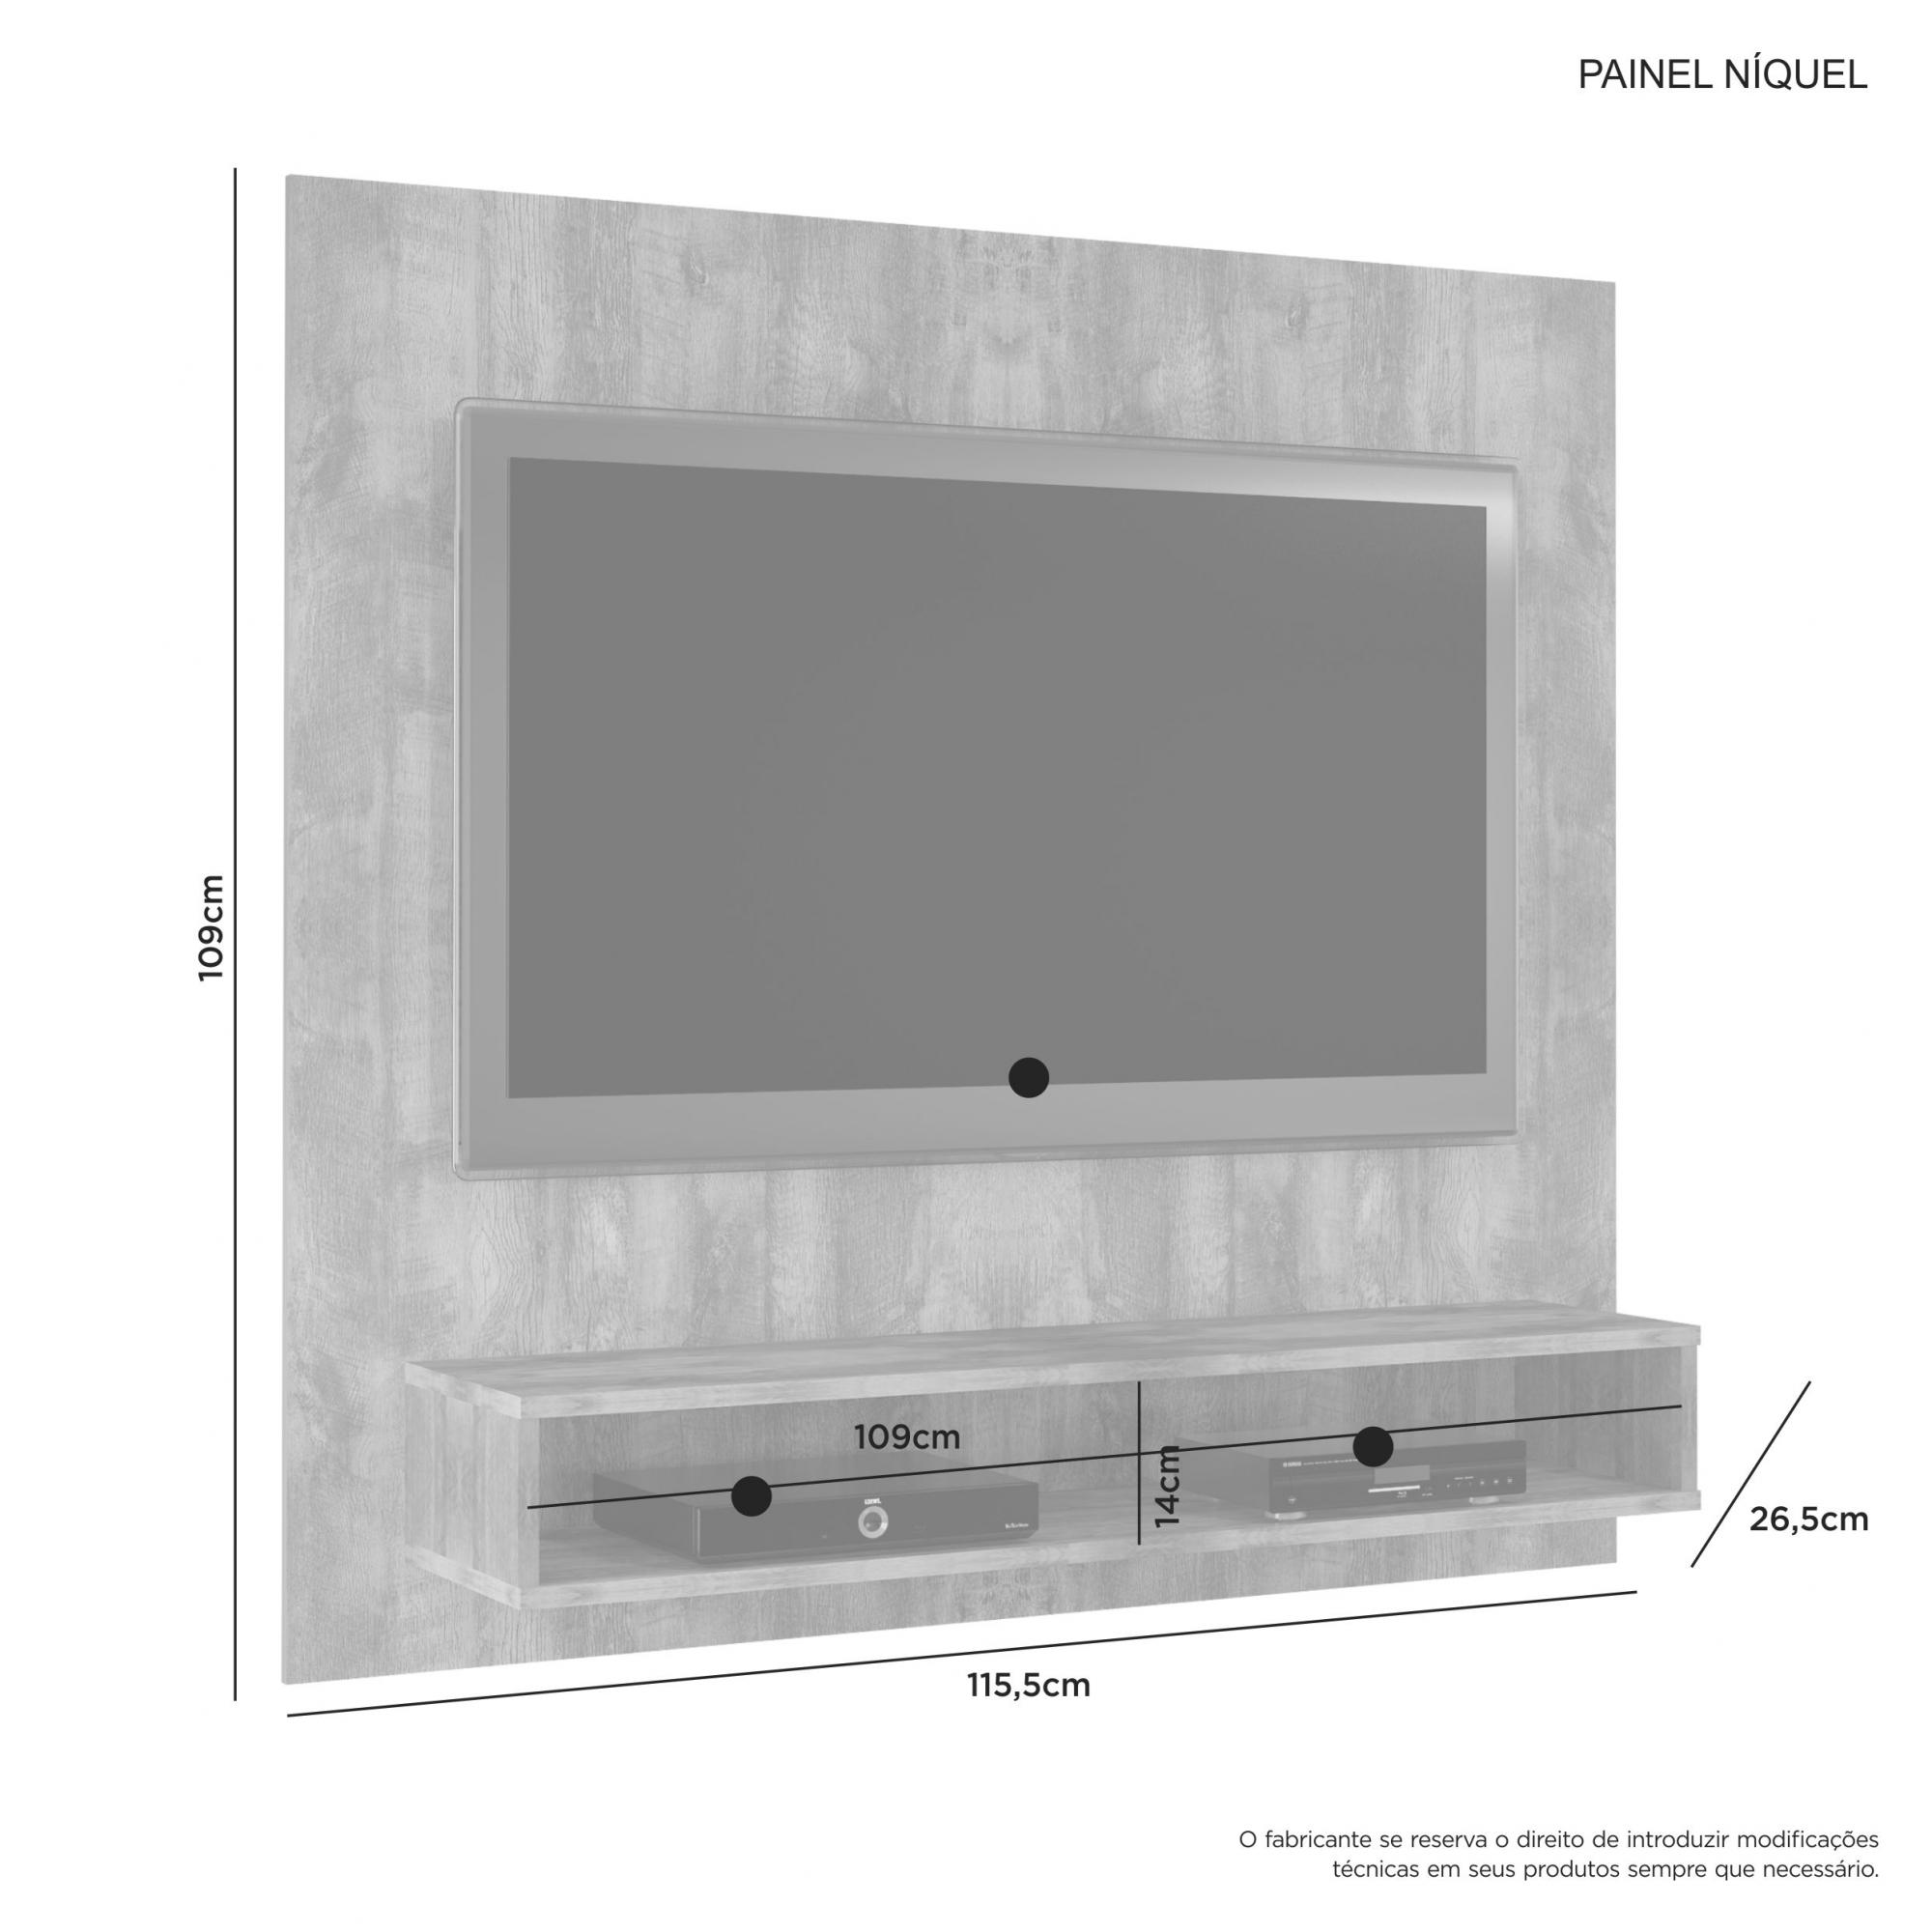 Painel Niquel Noronha - JCM Movelaria